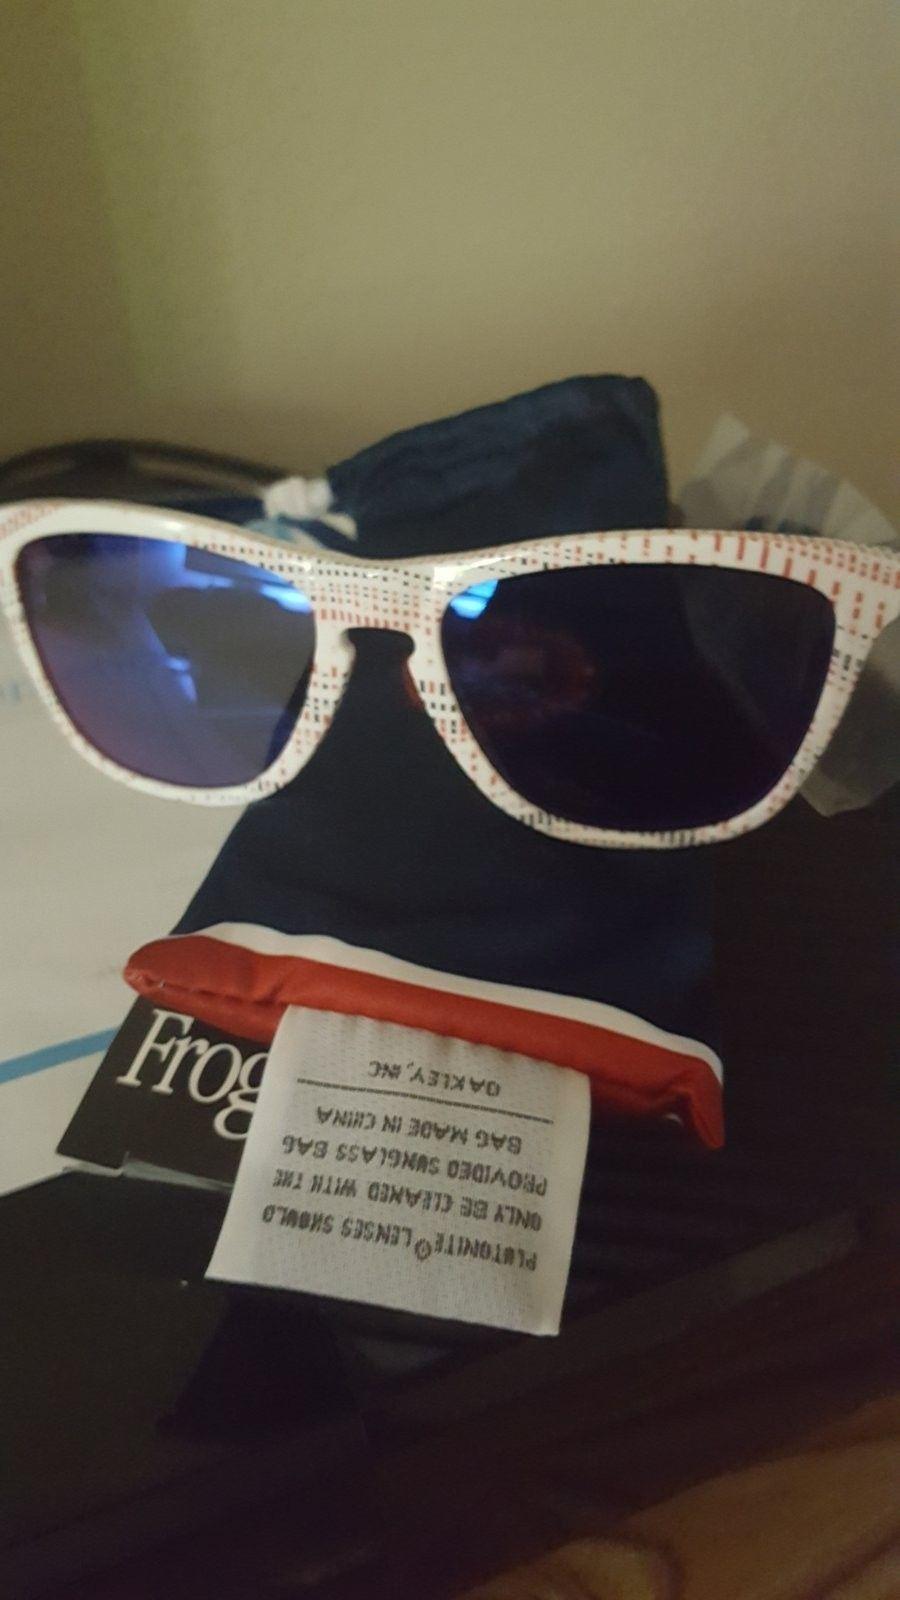 Team USA Frogs PRICE DROP - 20160728_183013.jpg